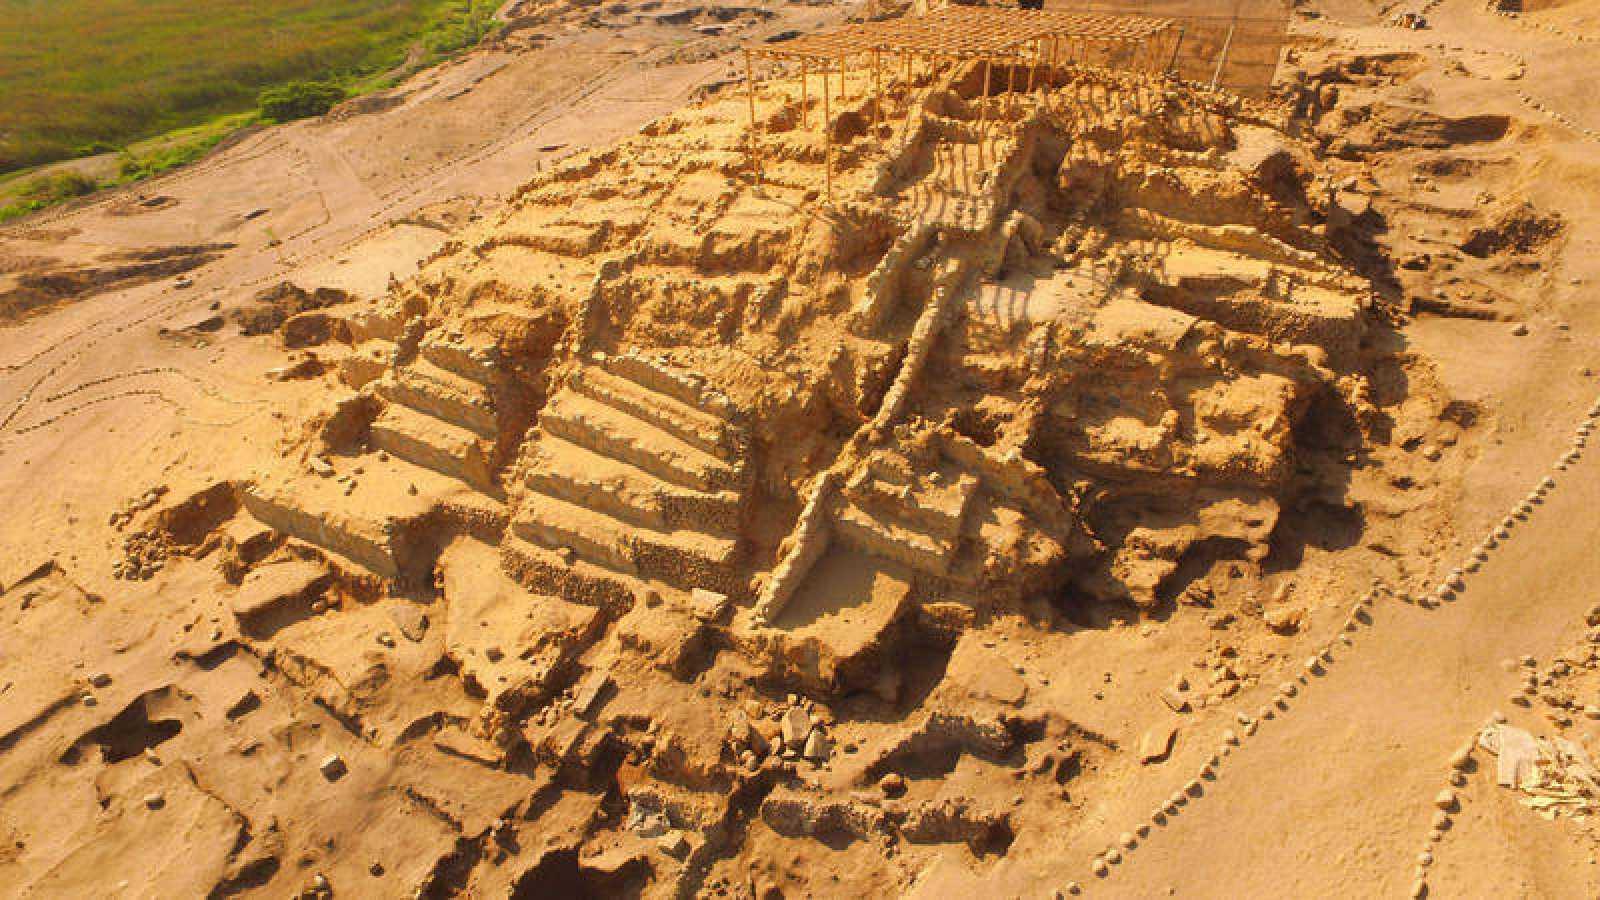 La civilización de Caral se desarrolló entre los años 3000 y 1800 antes de Cristo en el valle costero del río de Supe.